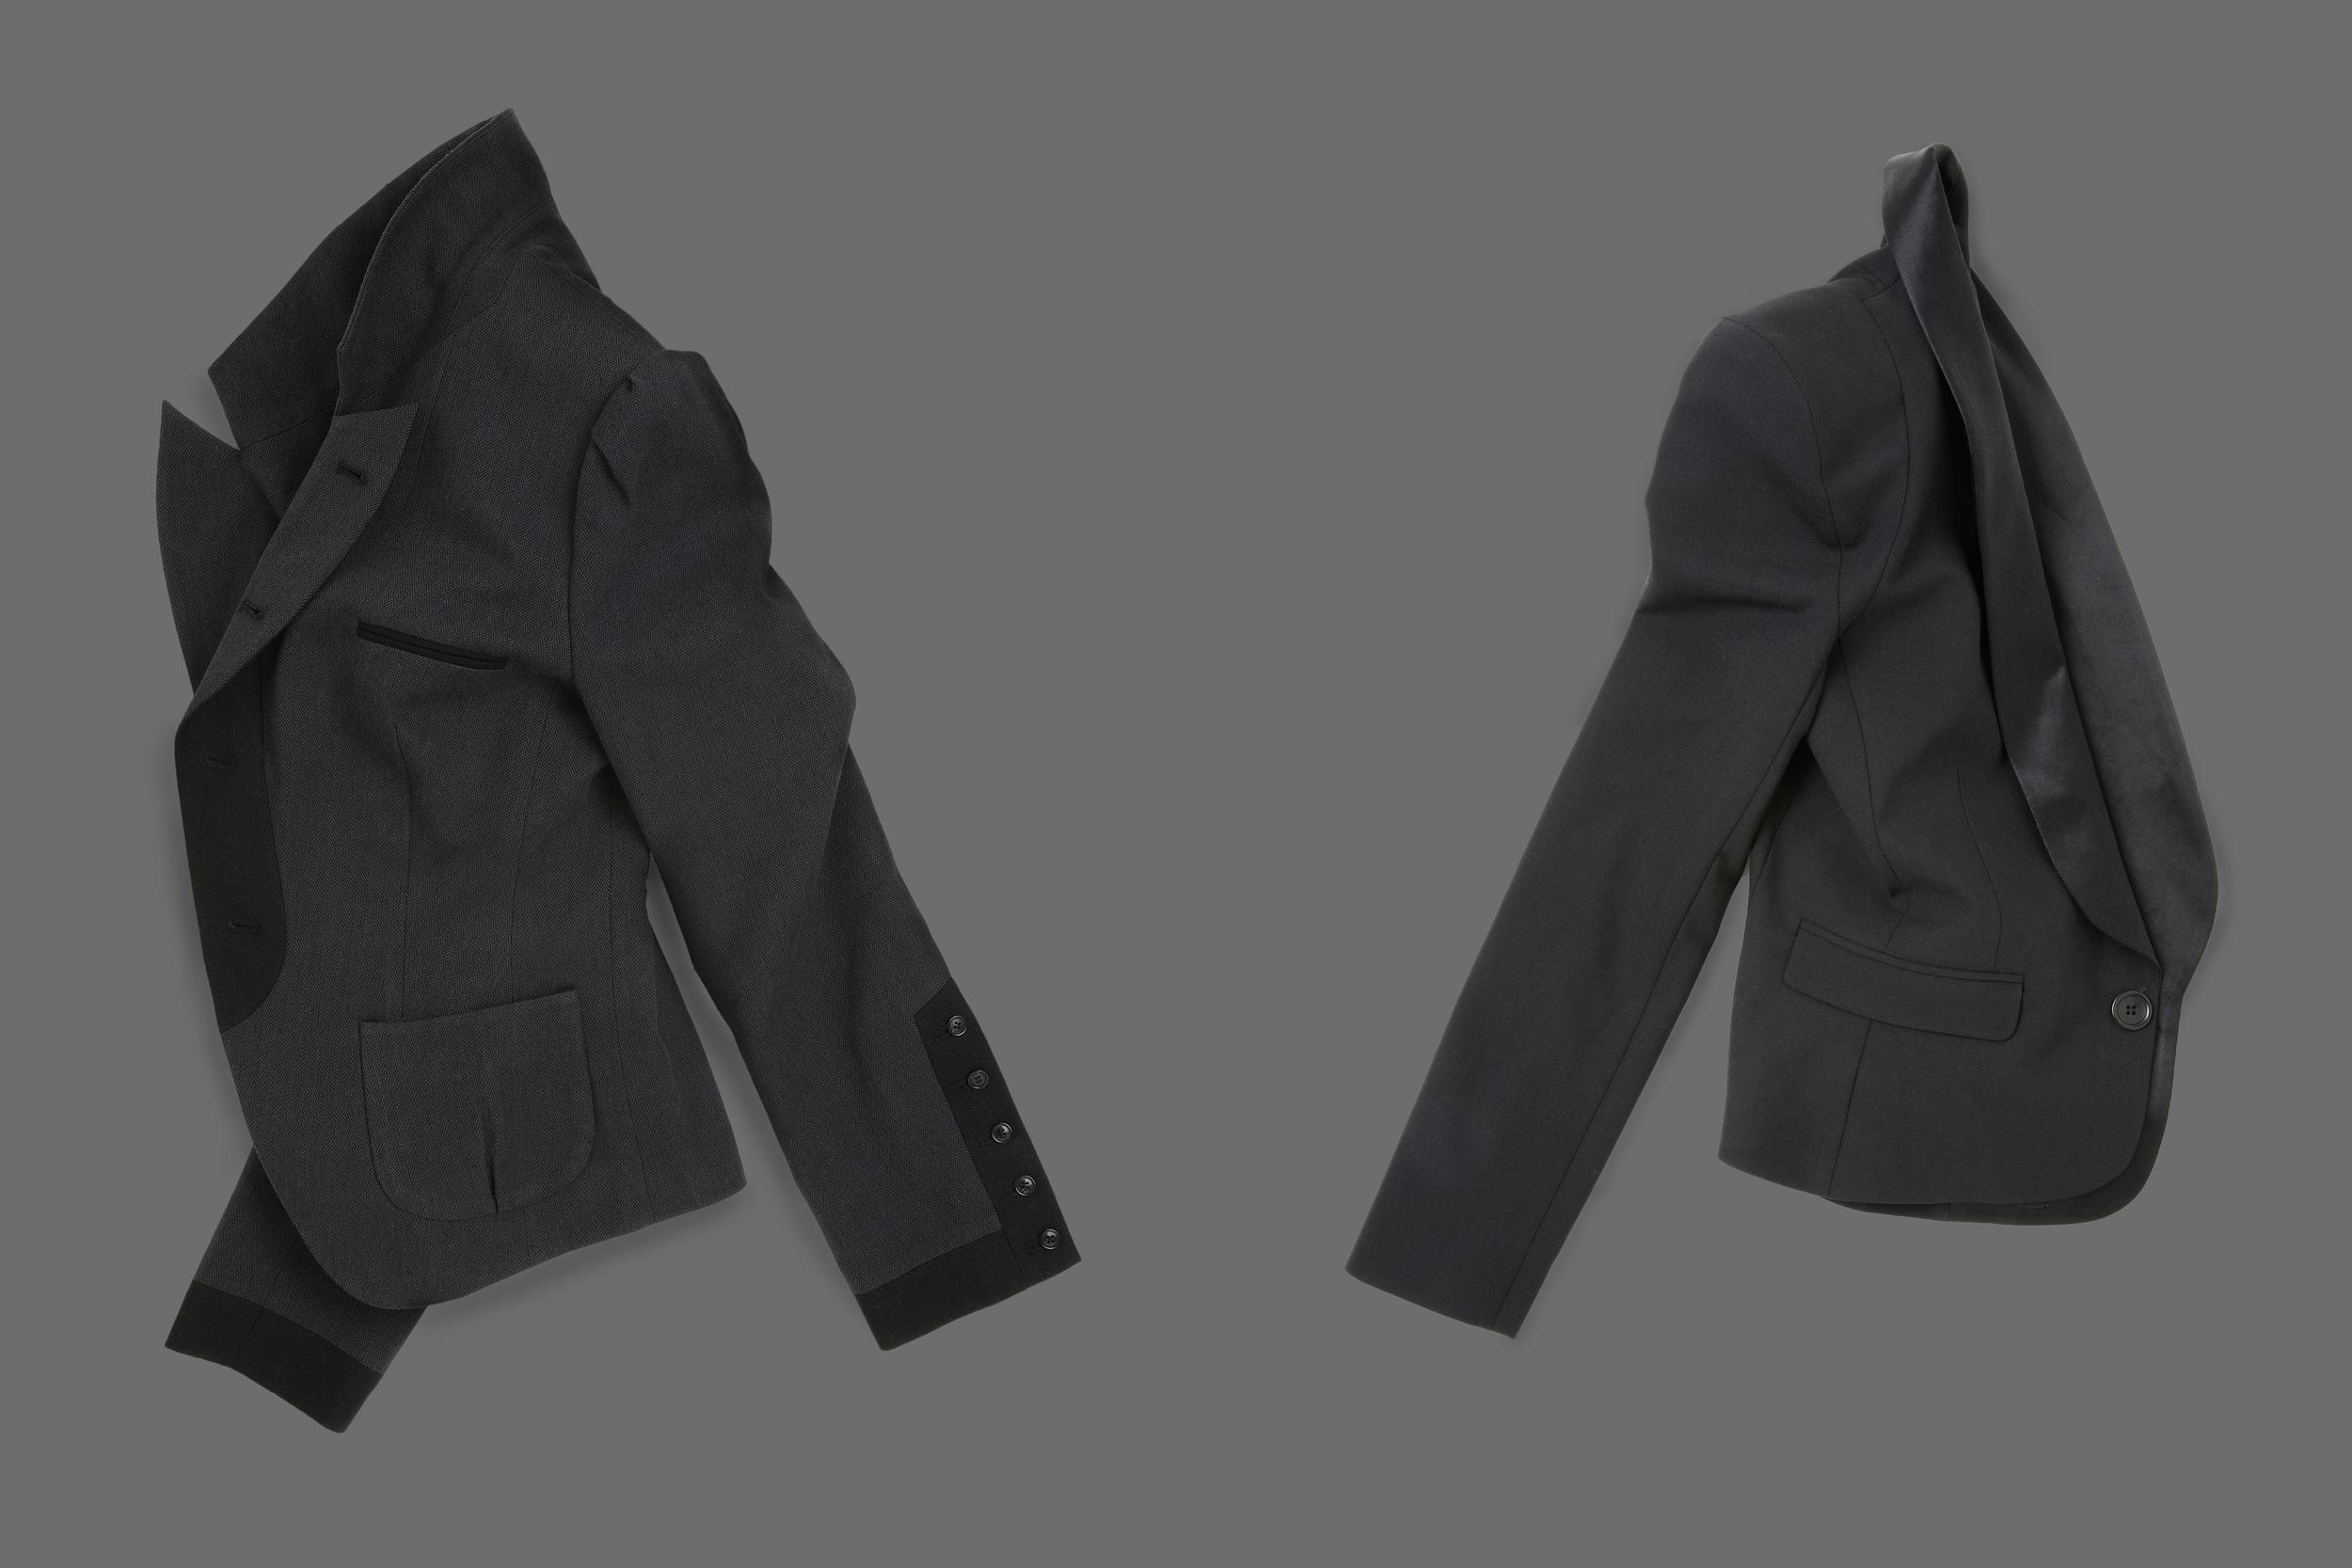 deux vestes grises.jpg